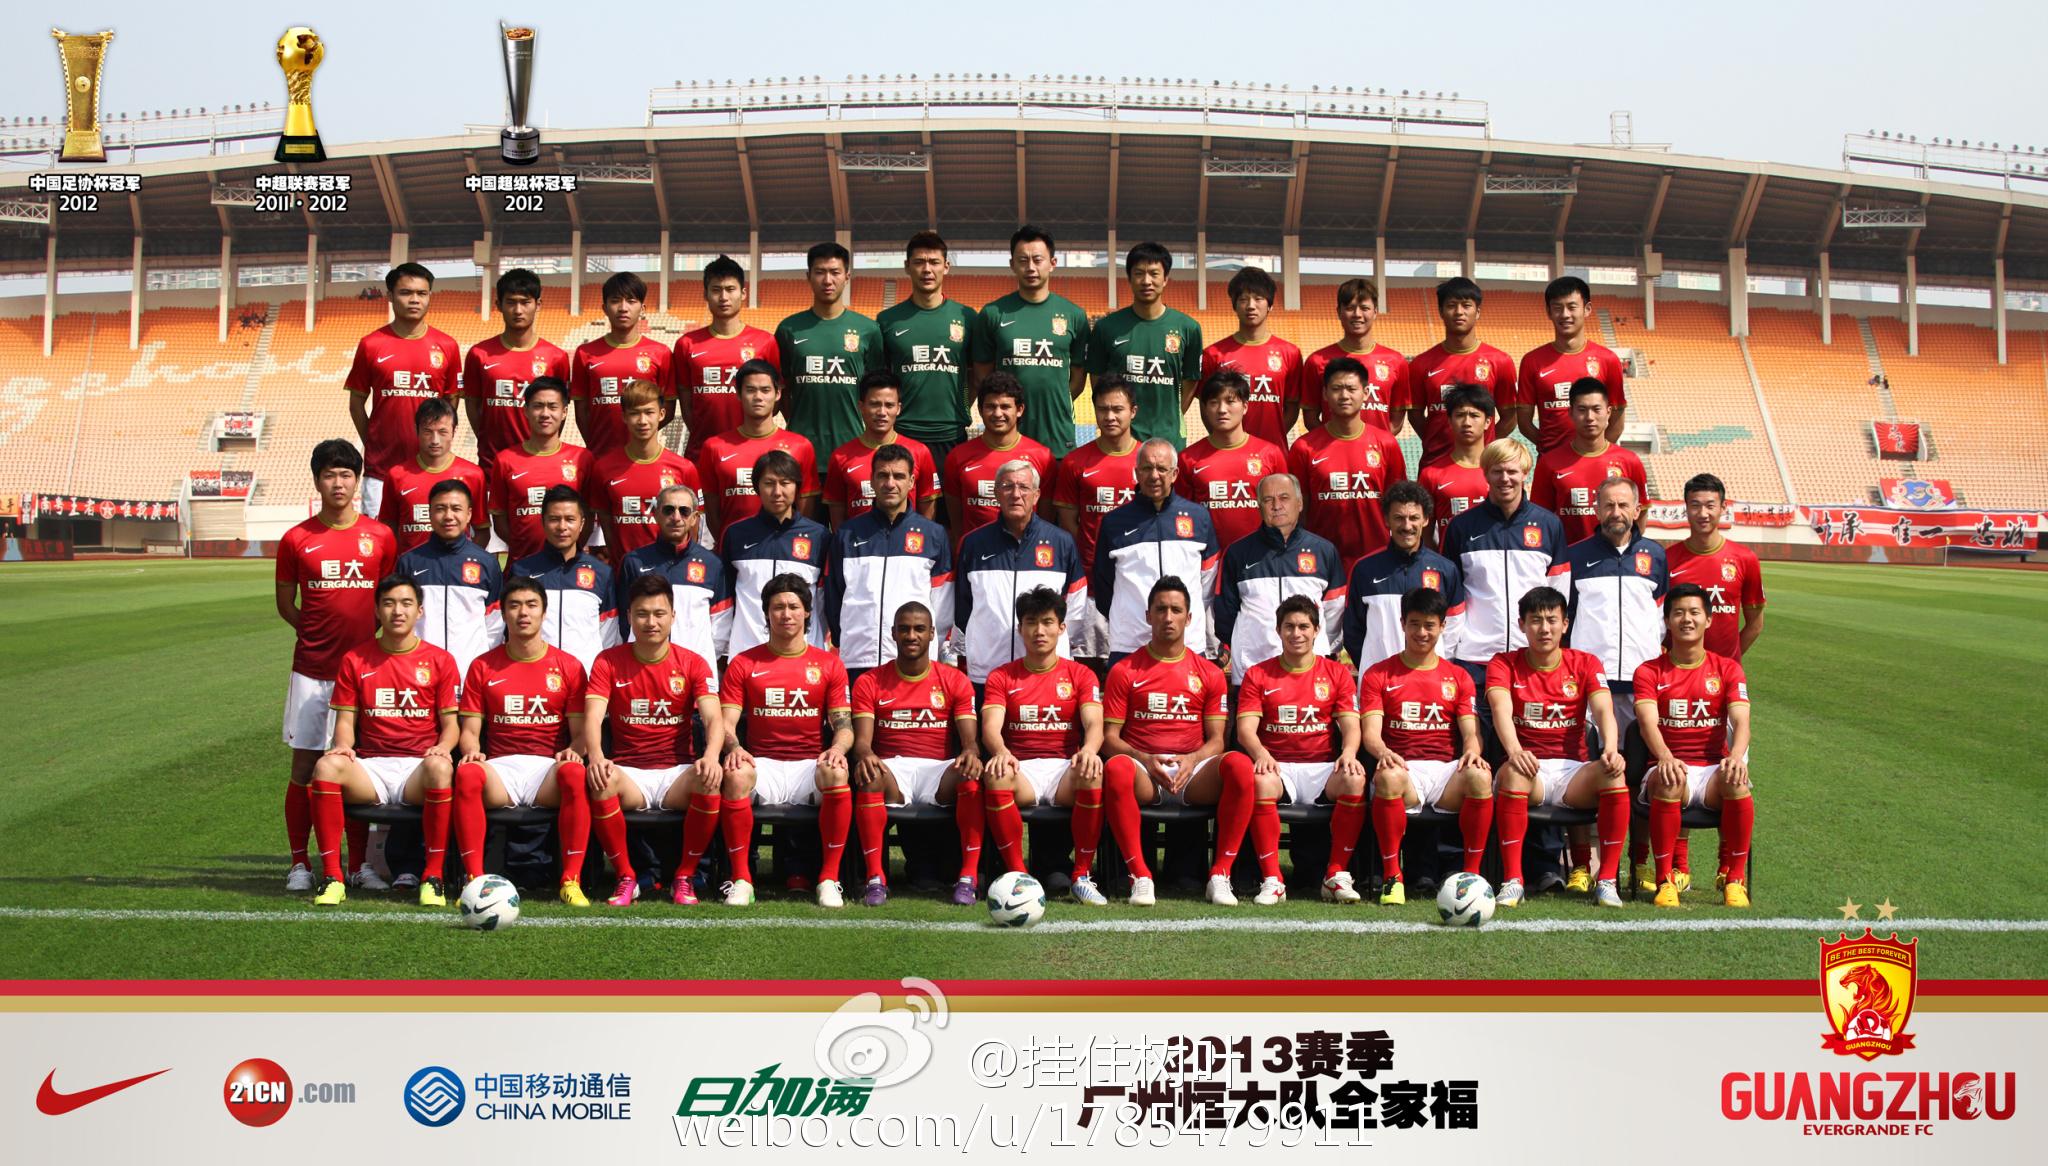 中国2015男足全家福图片_2013广州恒大全家福!......